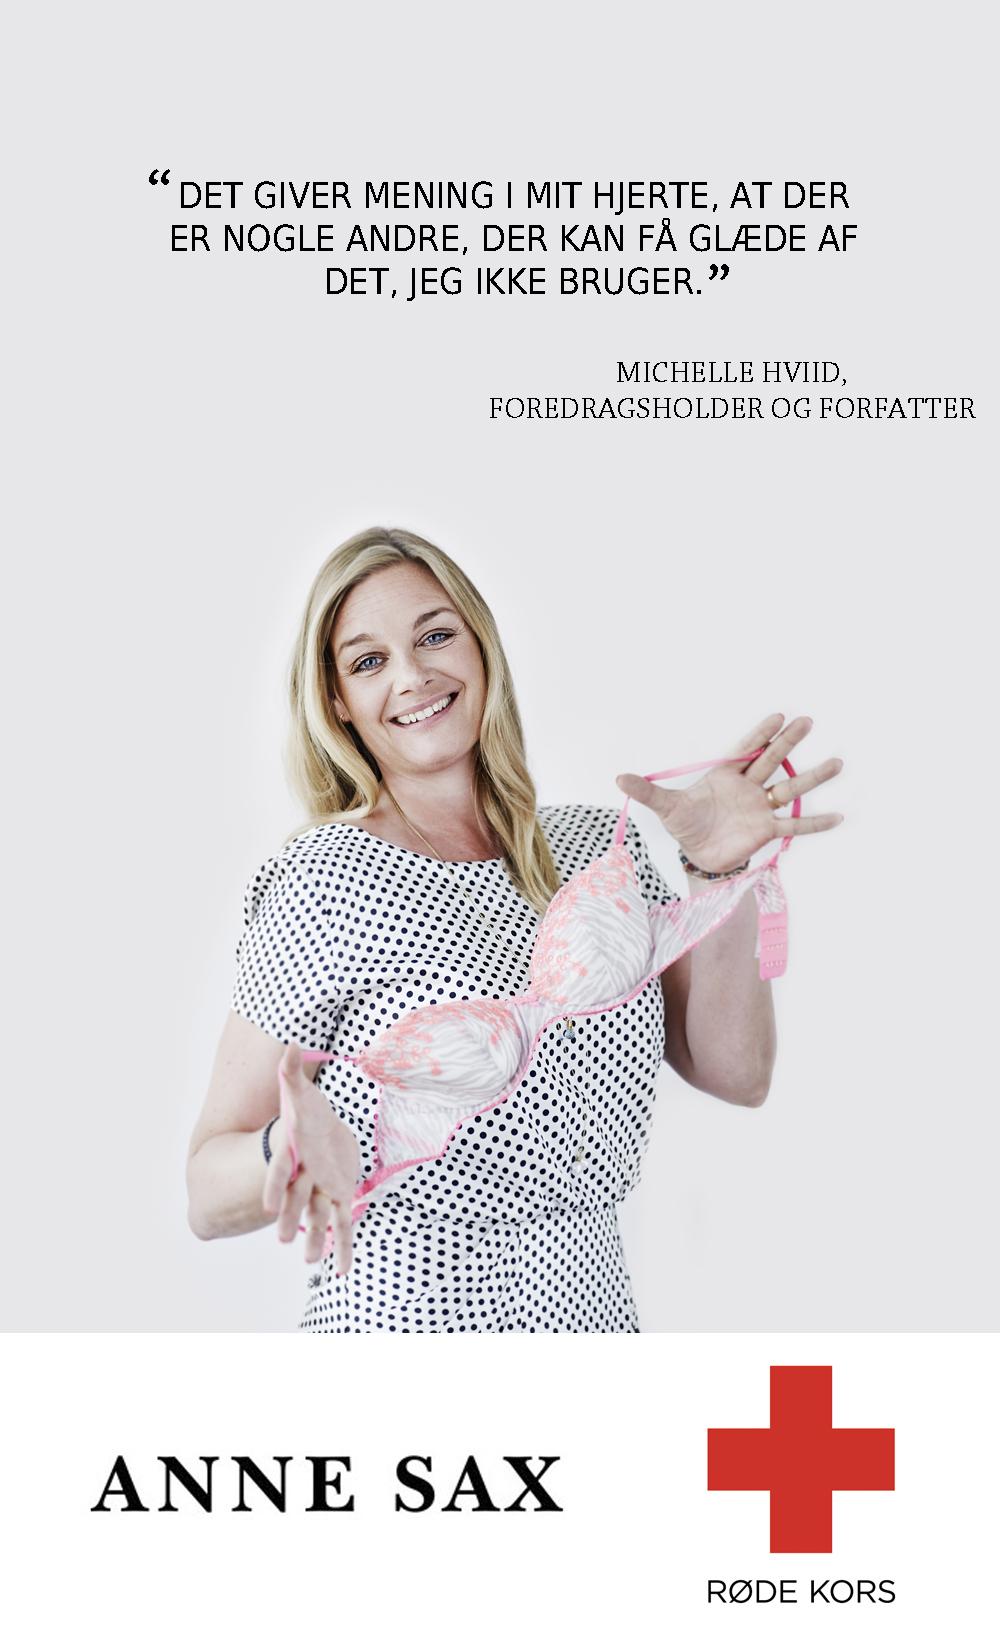 Michelle Hviid